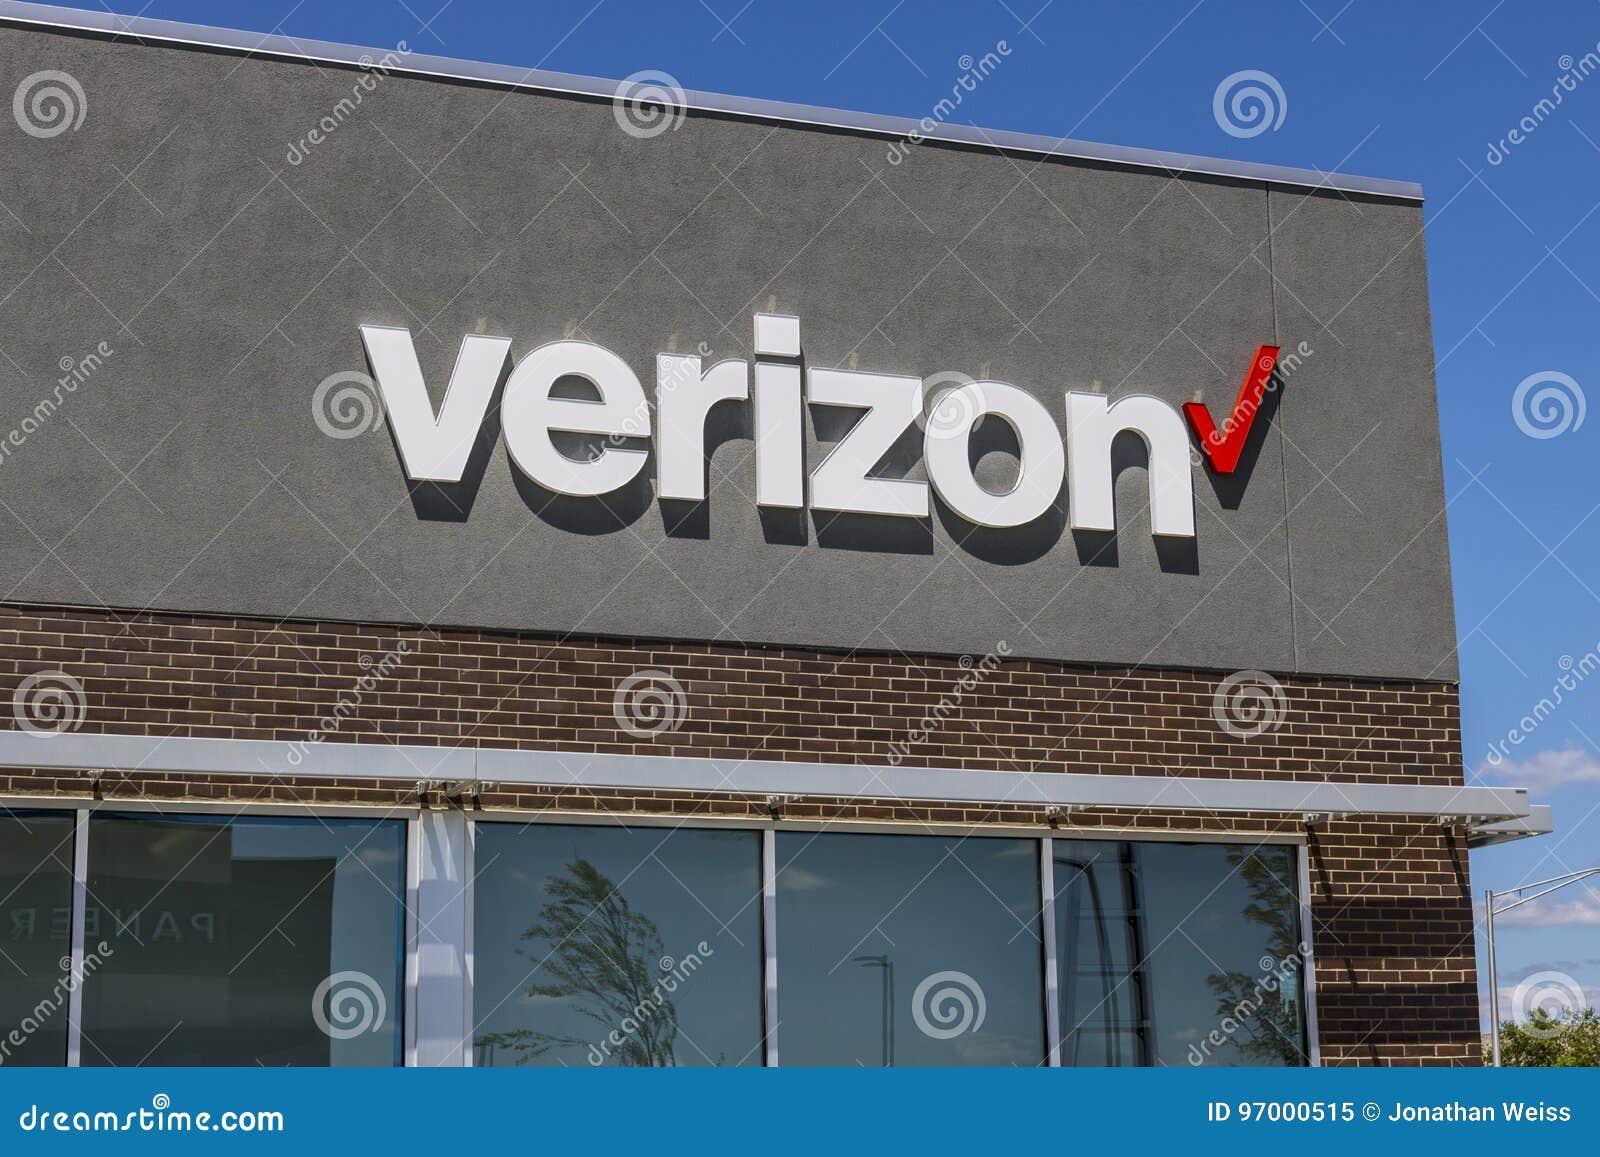 Indianapolis - circa julio de 2017: Ubicación de la venta al por menor de Verizon Wireless Verizon es el U más grande S proveedor